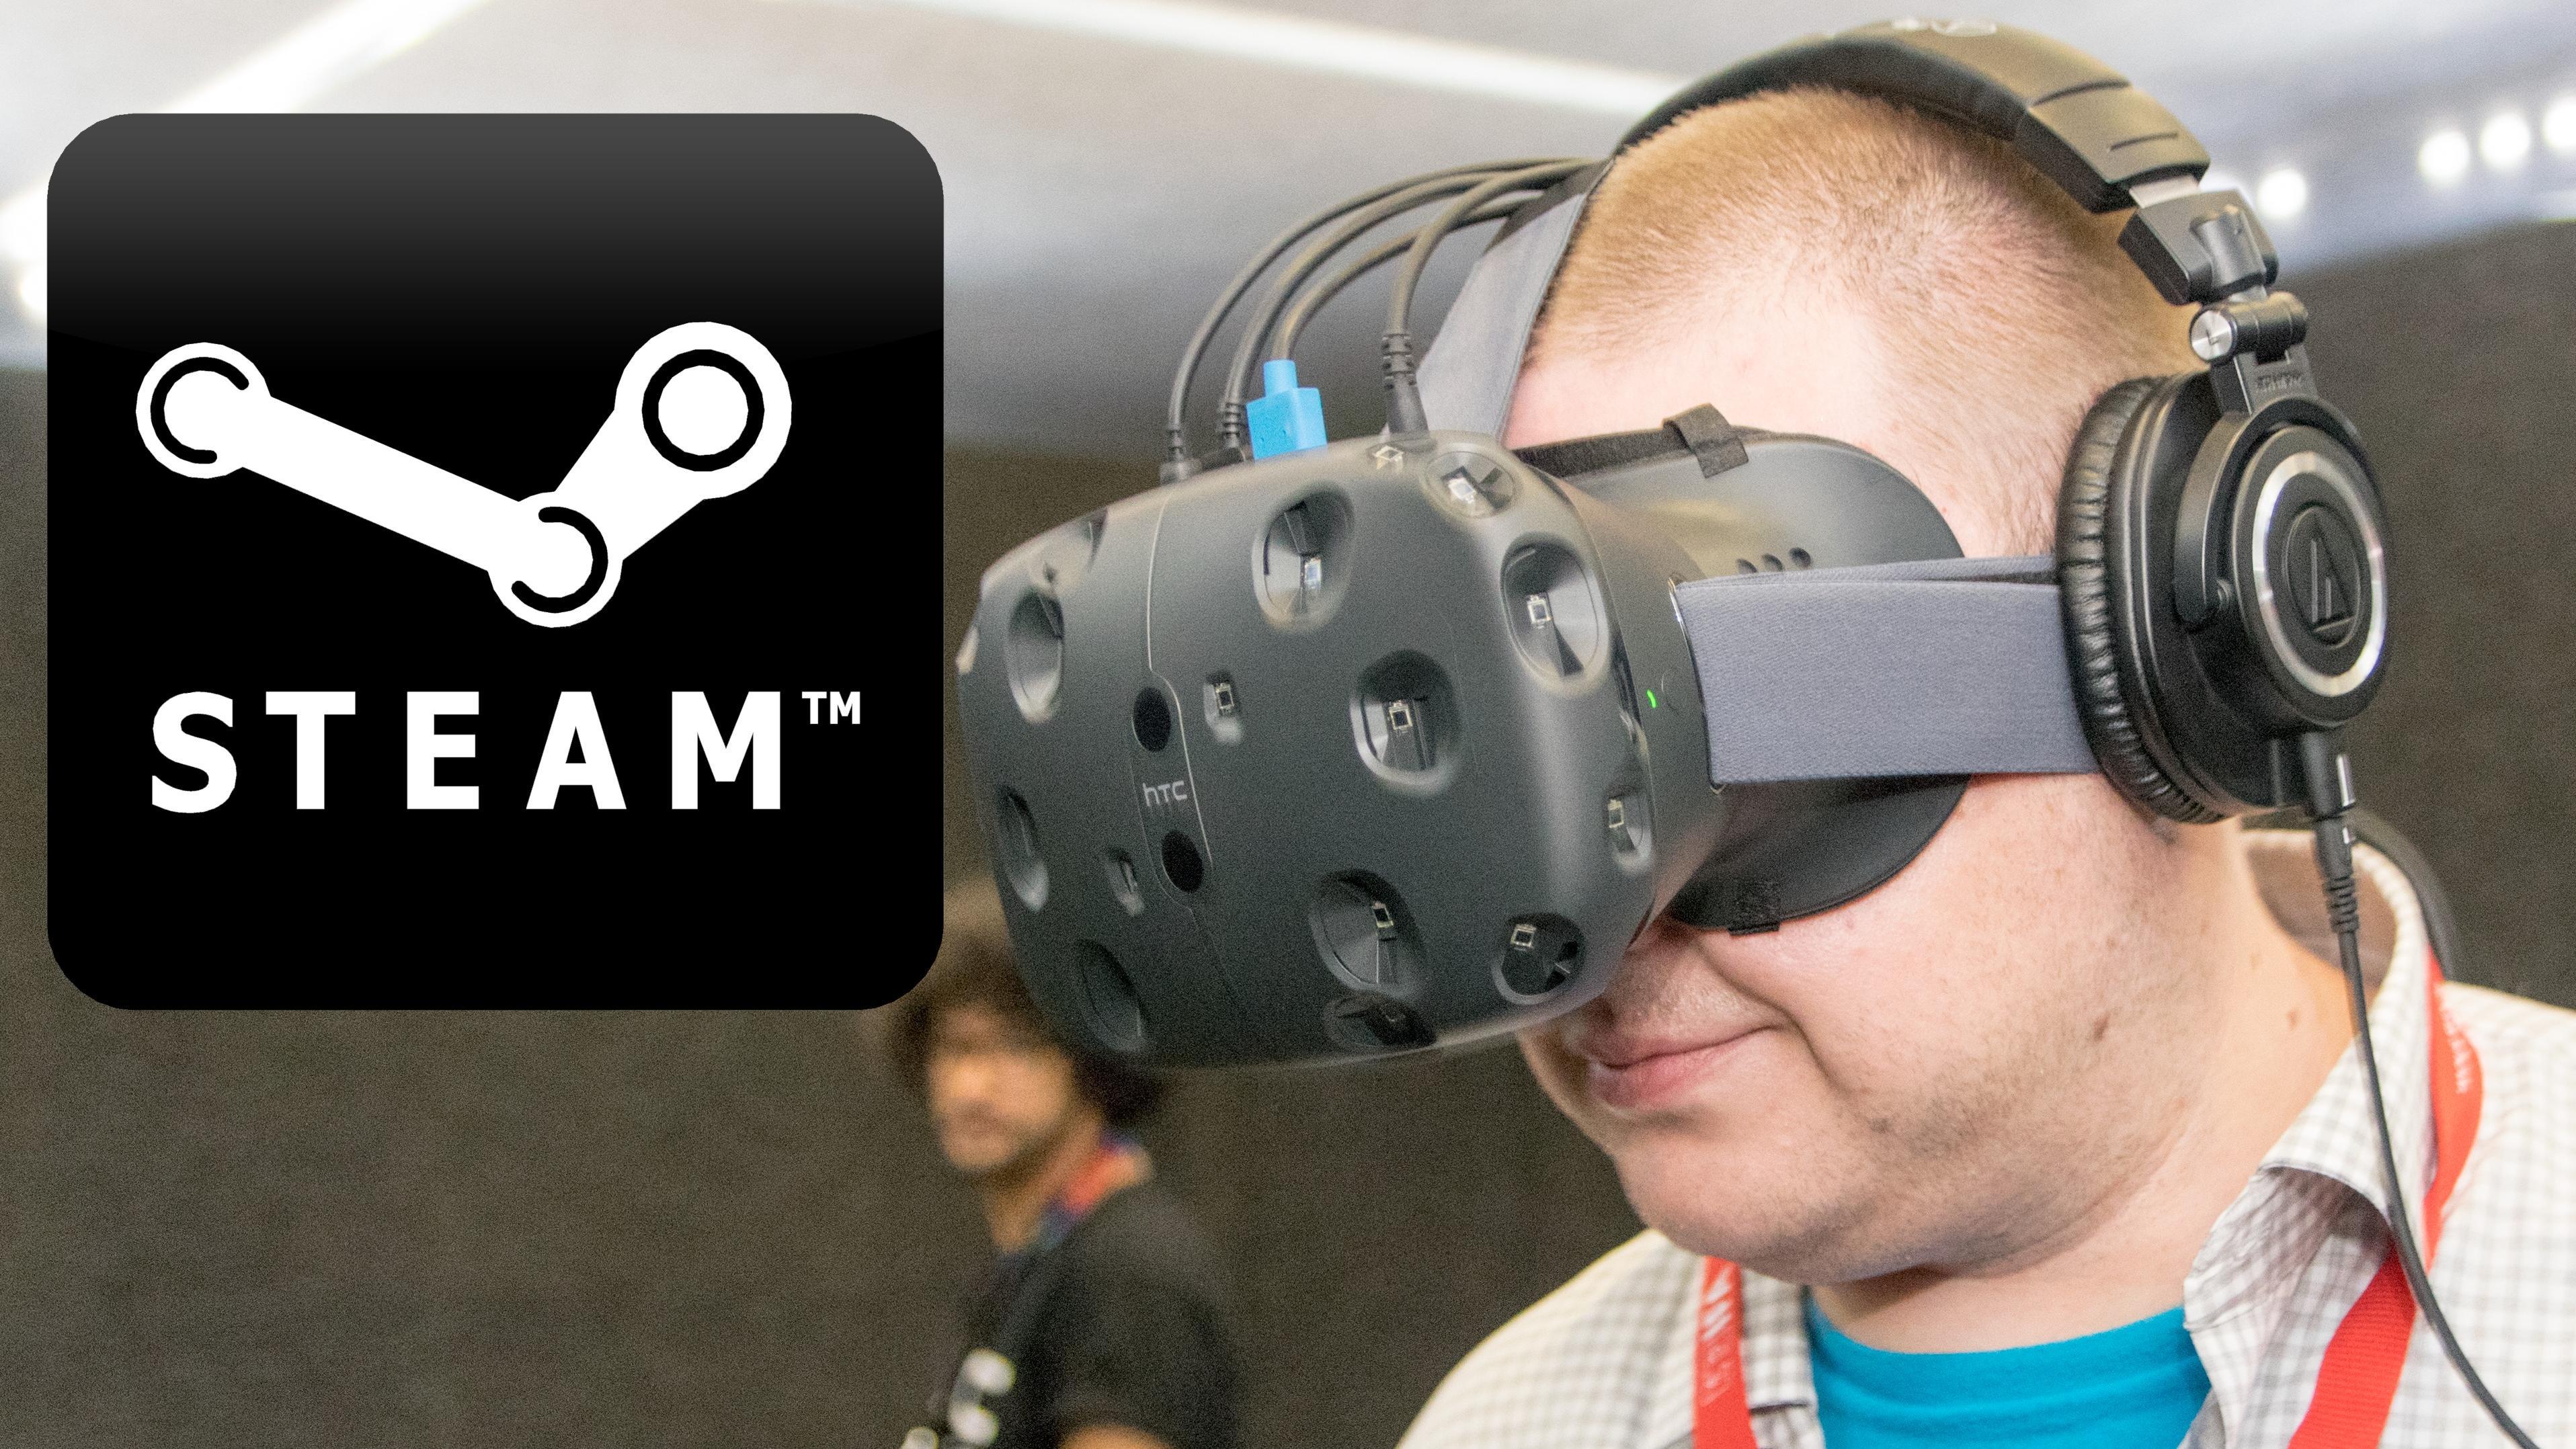 Nå blir det mulig å spille alle Steam-spill med VR-briller